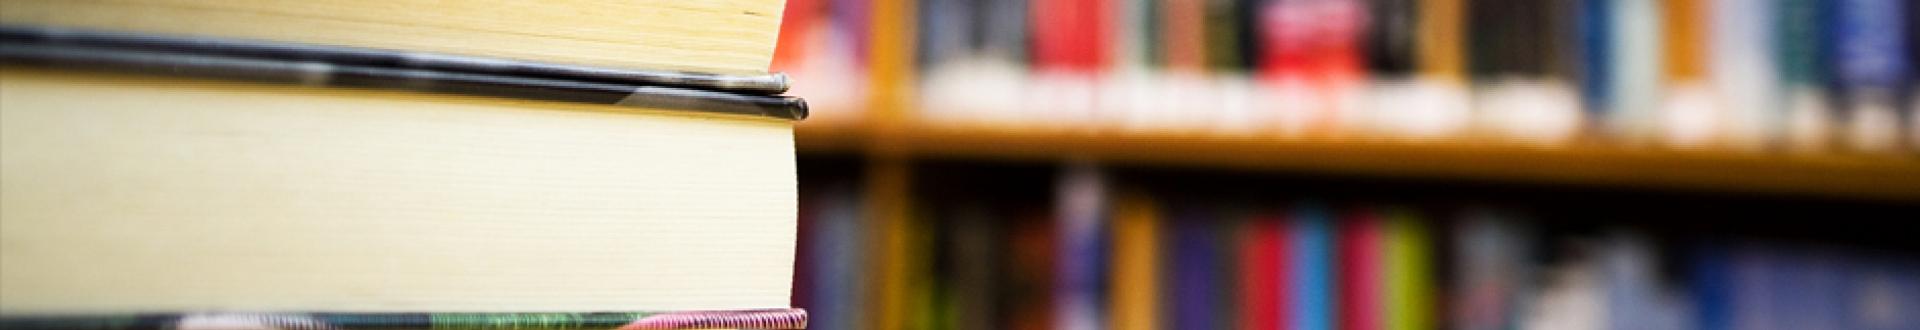 """""""Nemilovat knihy znamená nemilovat moudrost. Nemilovat moudrost však znamená stávat se hlupákem."""" – Jan Amos Komenský"""